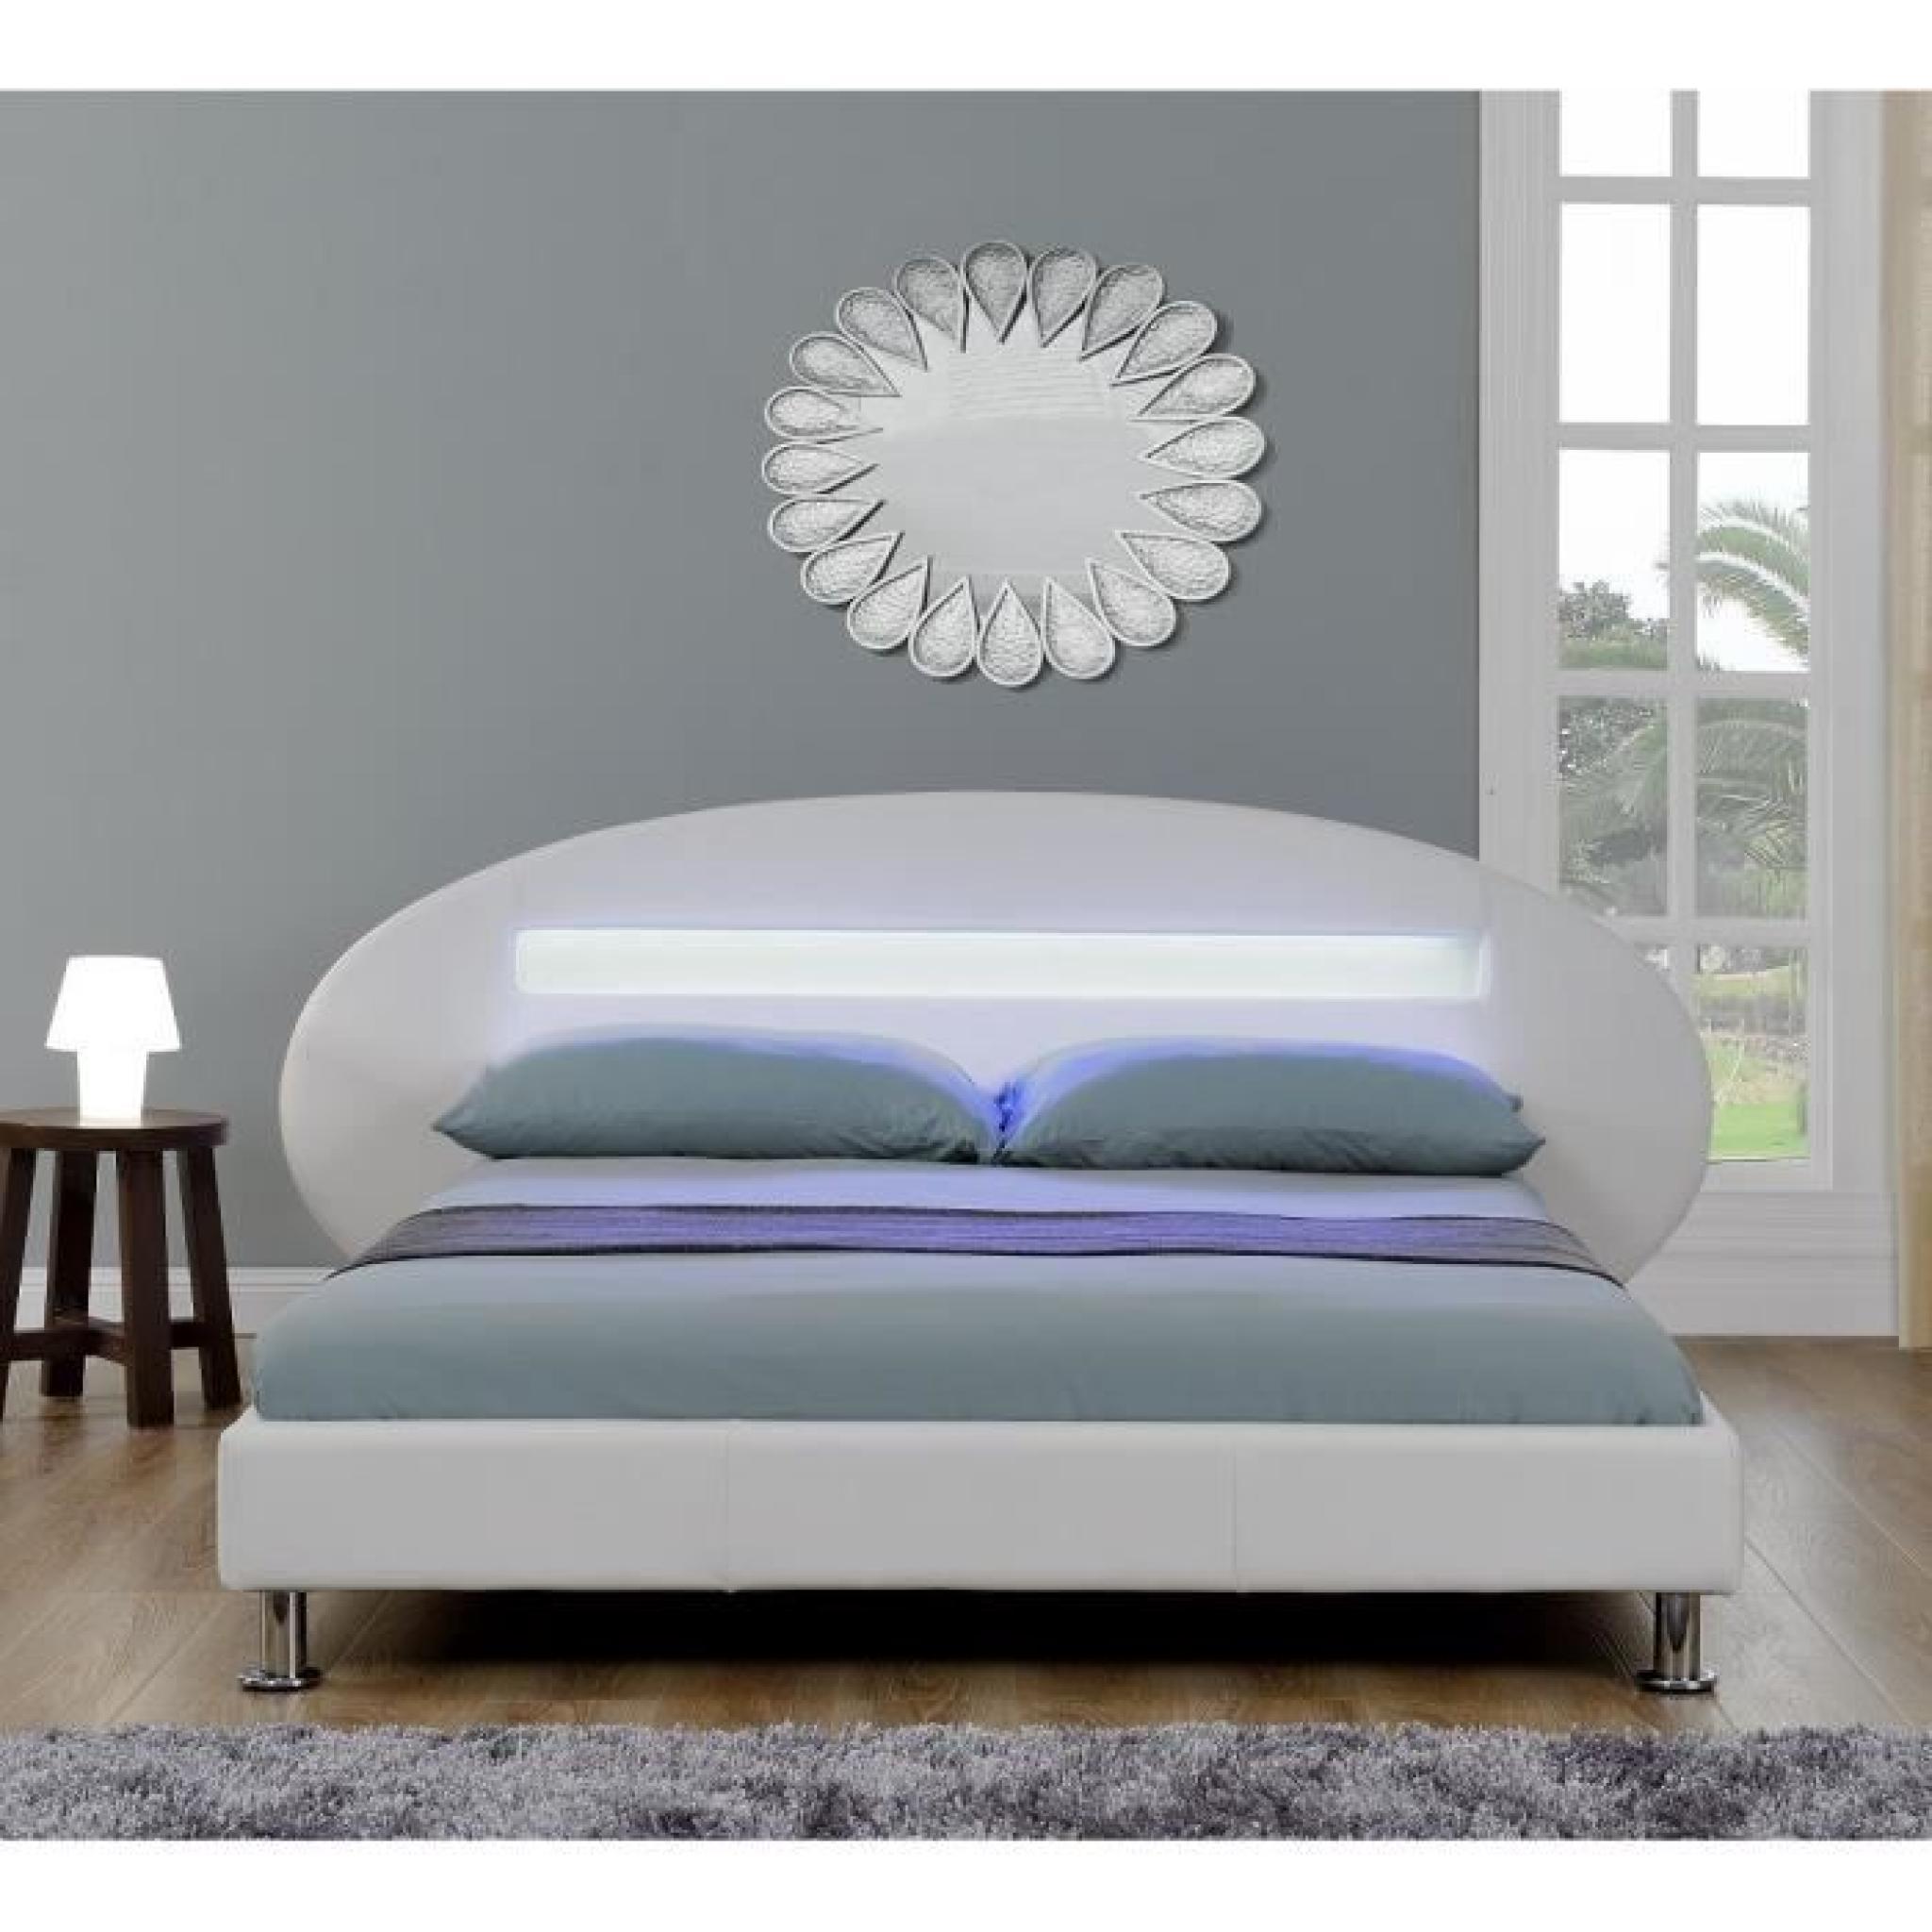 orion lit led adulte 160x200 cm blanc achat vente lit pas cher couleur et. Black Bedroom Furniture Sets. Home Design Ideas